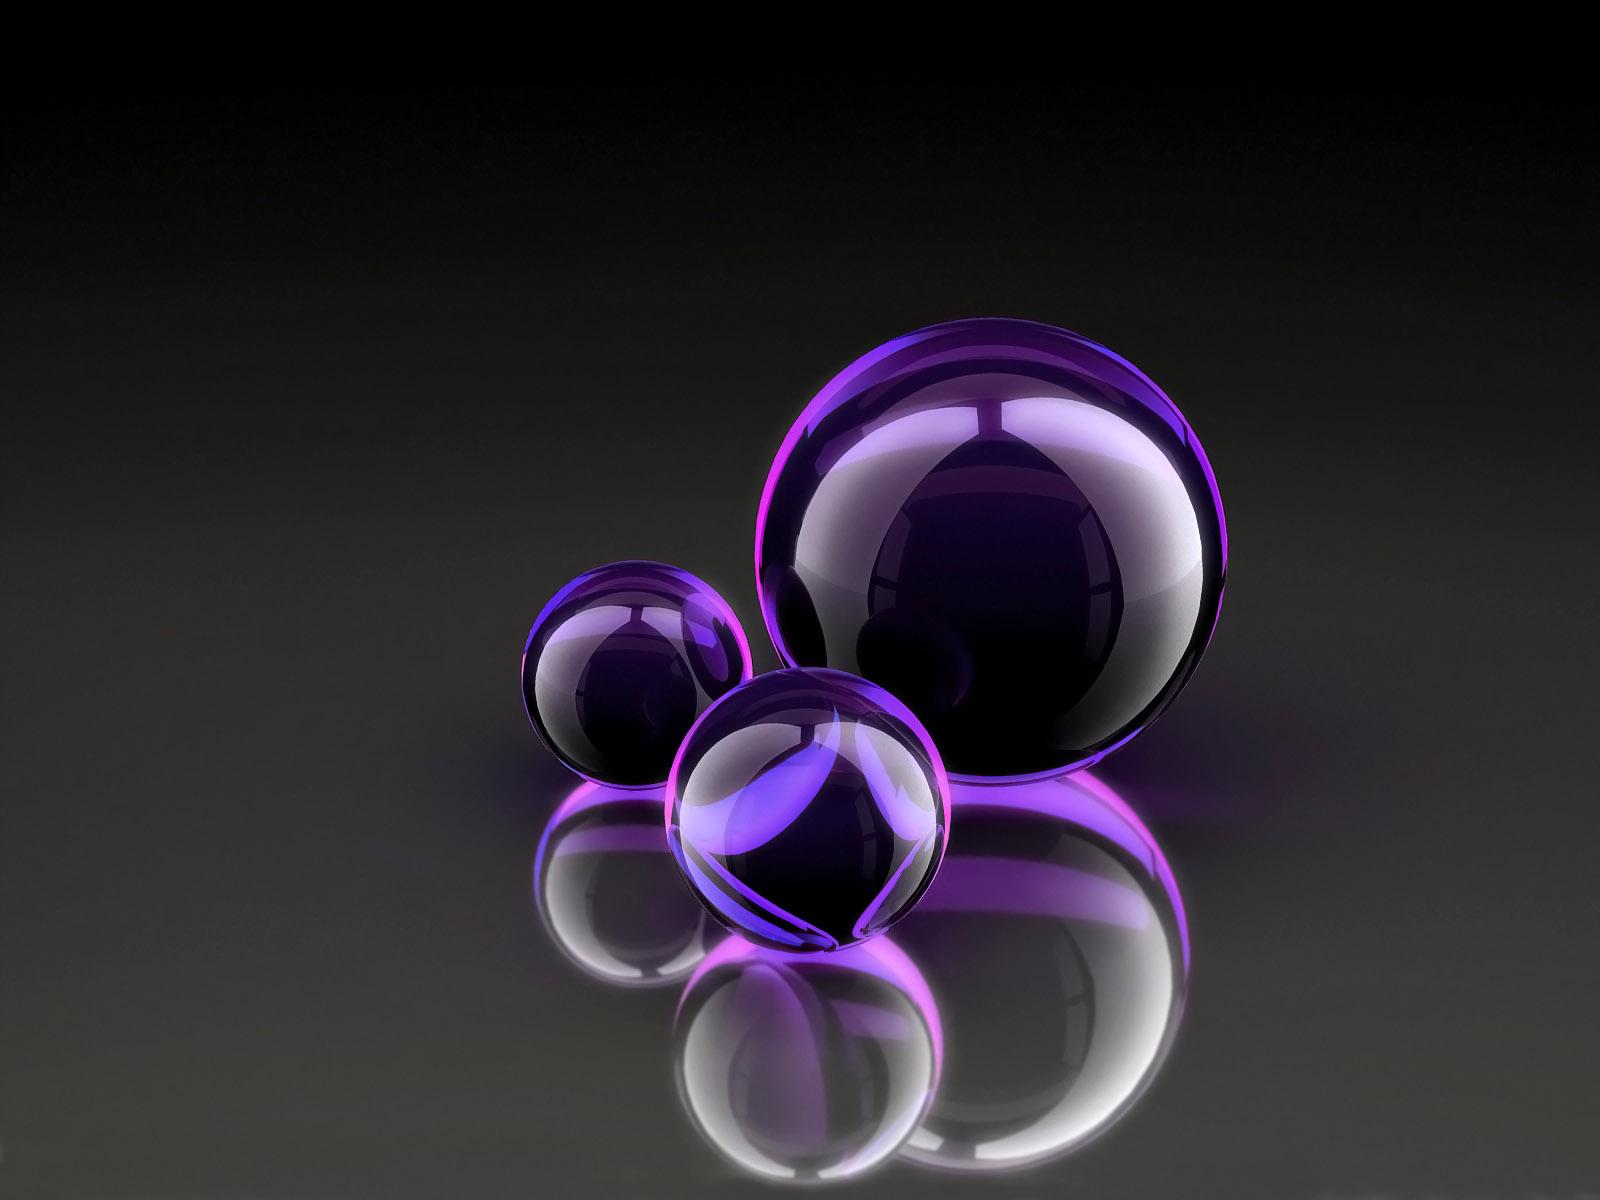 http://3.bp.blogspot.com/-ozQOtDEZ-wc/Tqm_CEIytjI/AAAAAAAAAqs/3JCHHmCK-HE/s1600/purple-balls-wallpaper.jpg